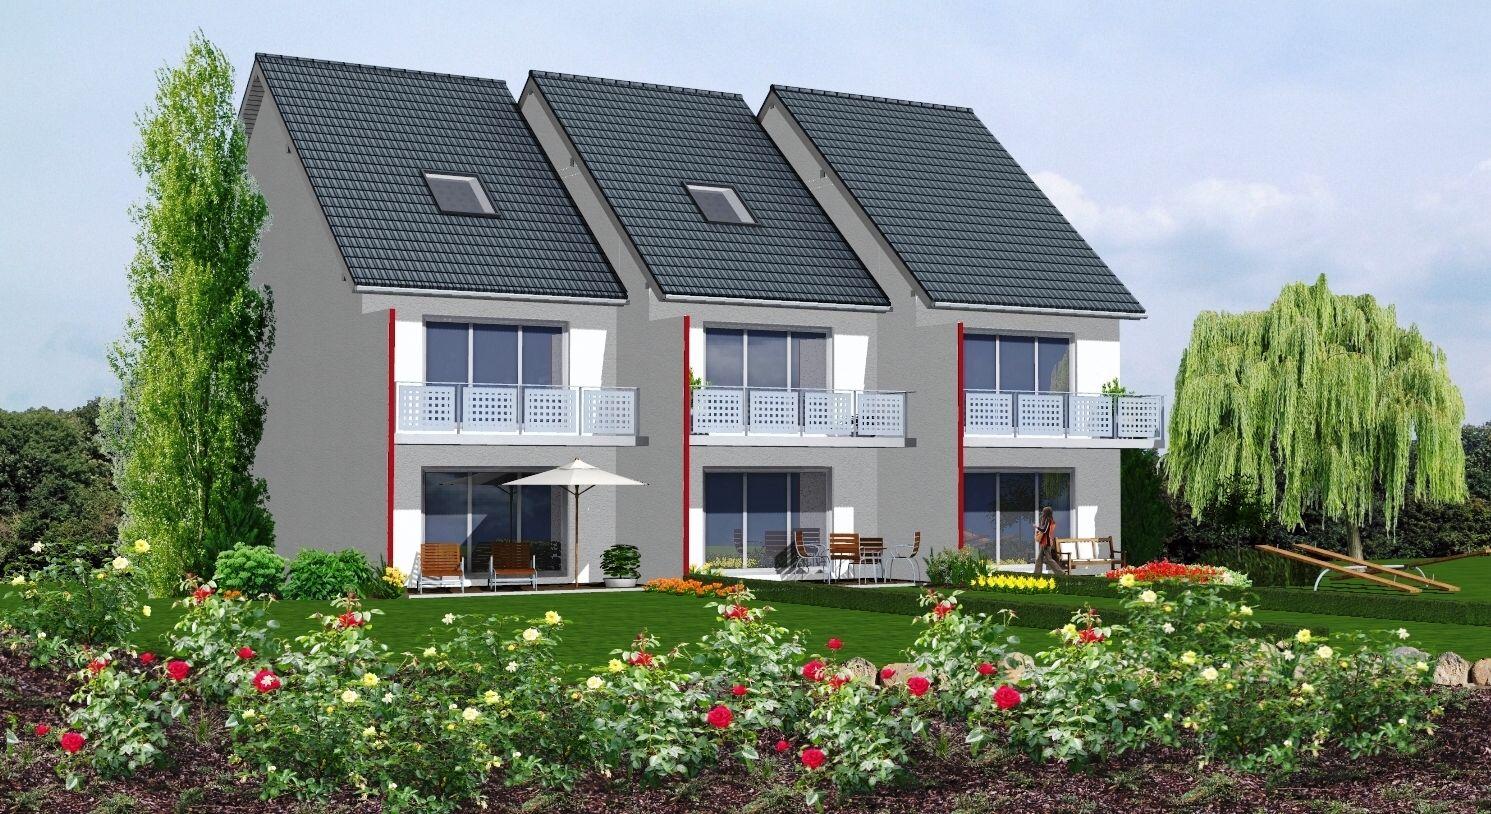 Reihenhaus Oder Einfamilienhaus einfamilien doppel oder reihenhaus ziegelwerk reihenhaus